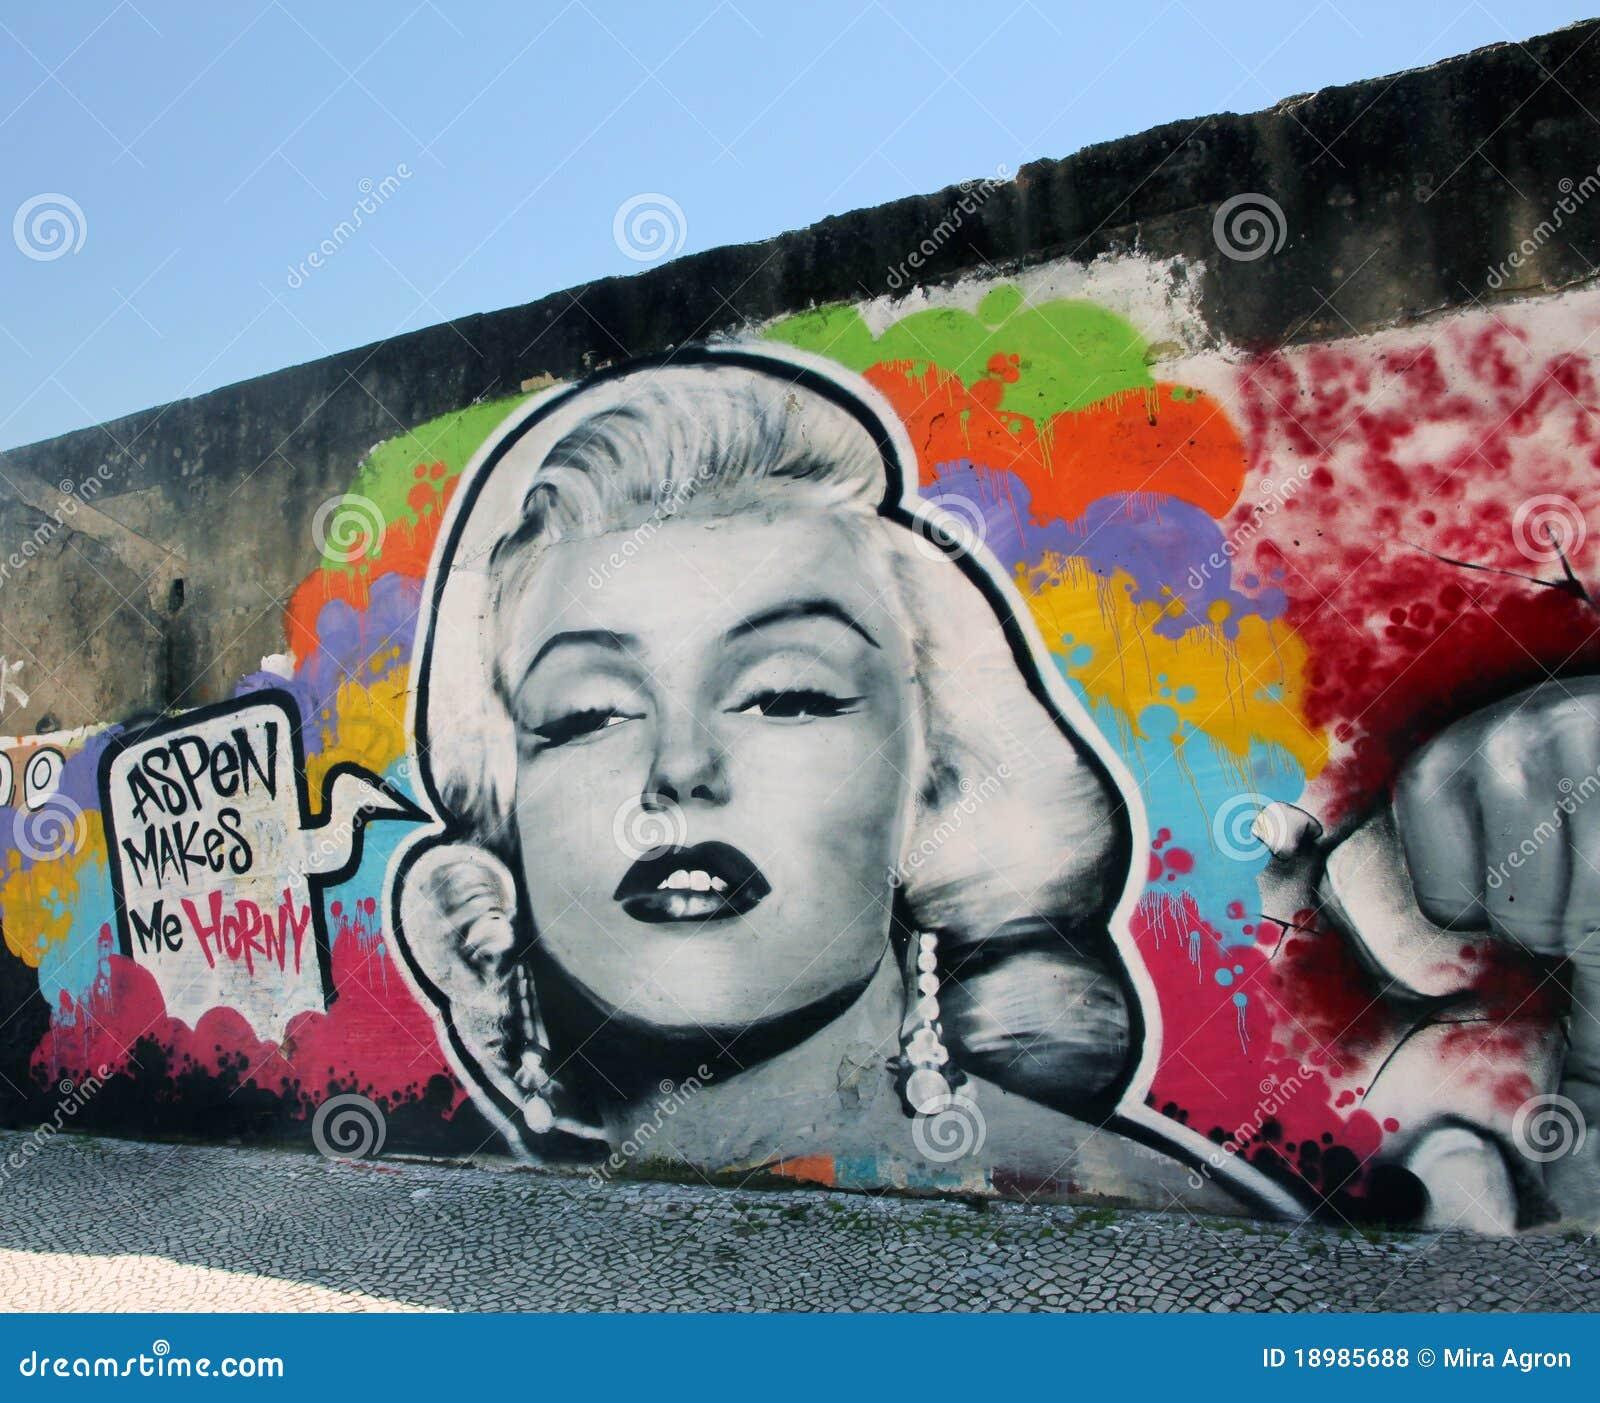 Graffiti Marilyn Monroe